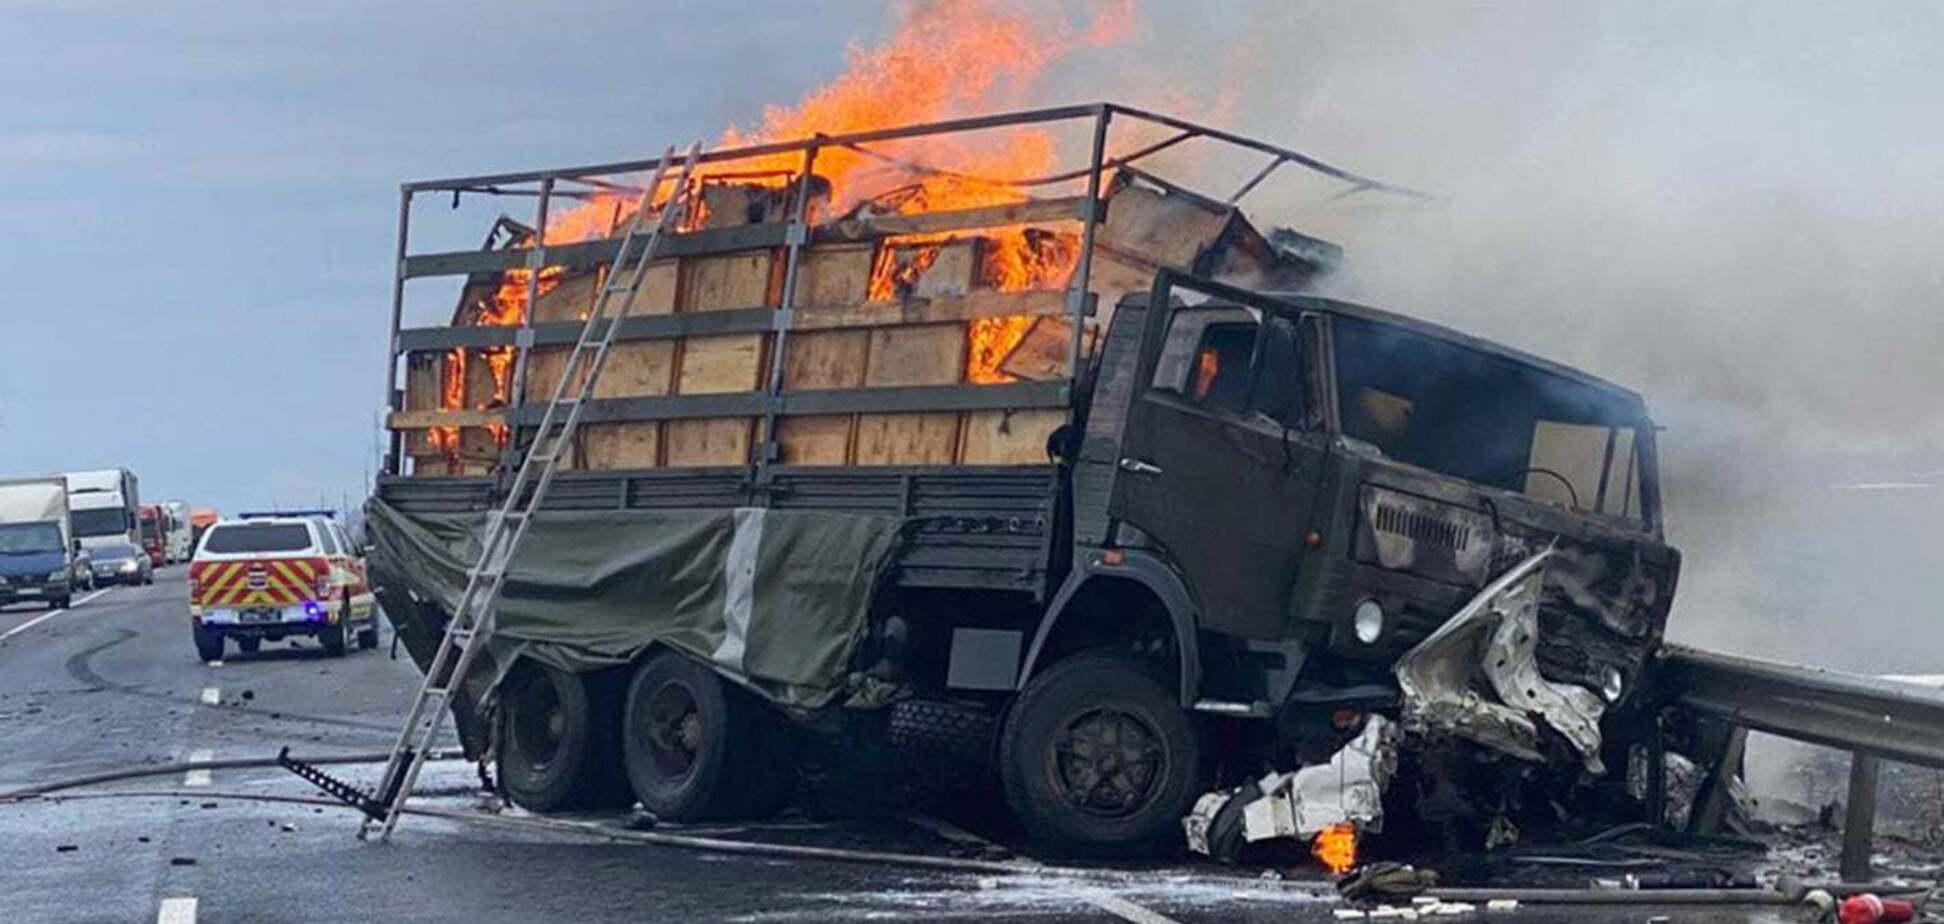 На Хмельнитчине произошло ДТП с военными: погибли три человека. Фото и видео